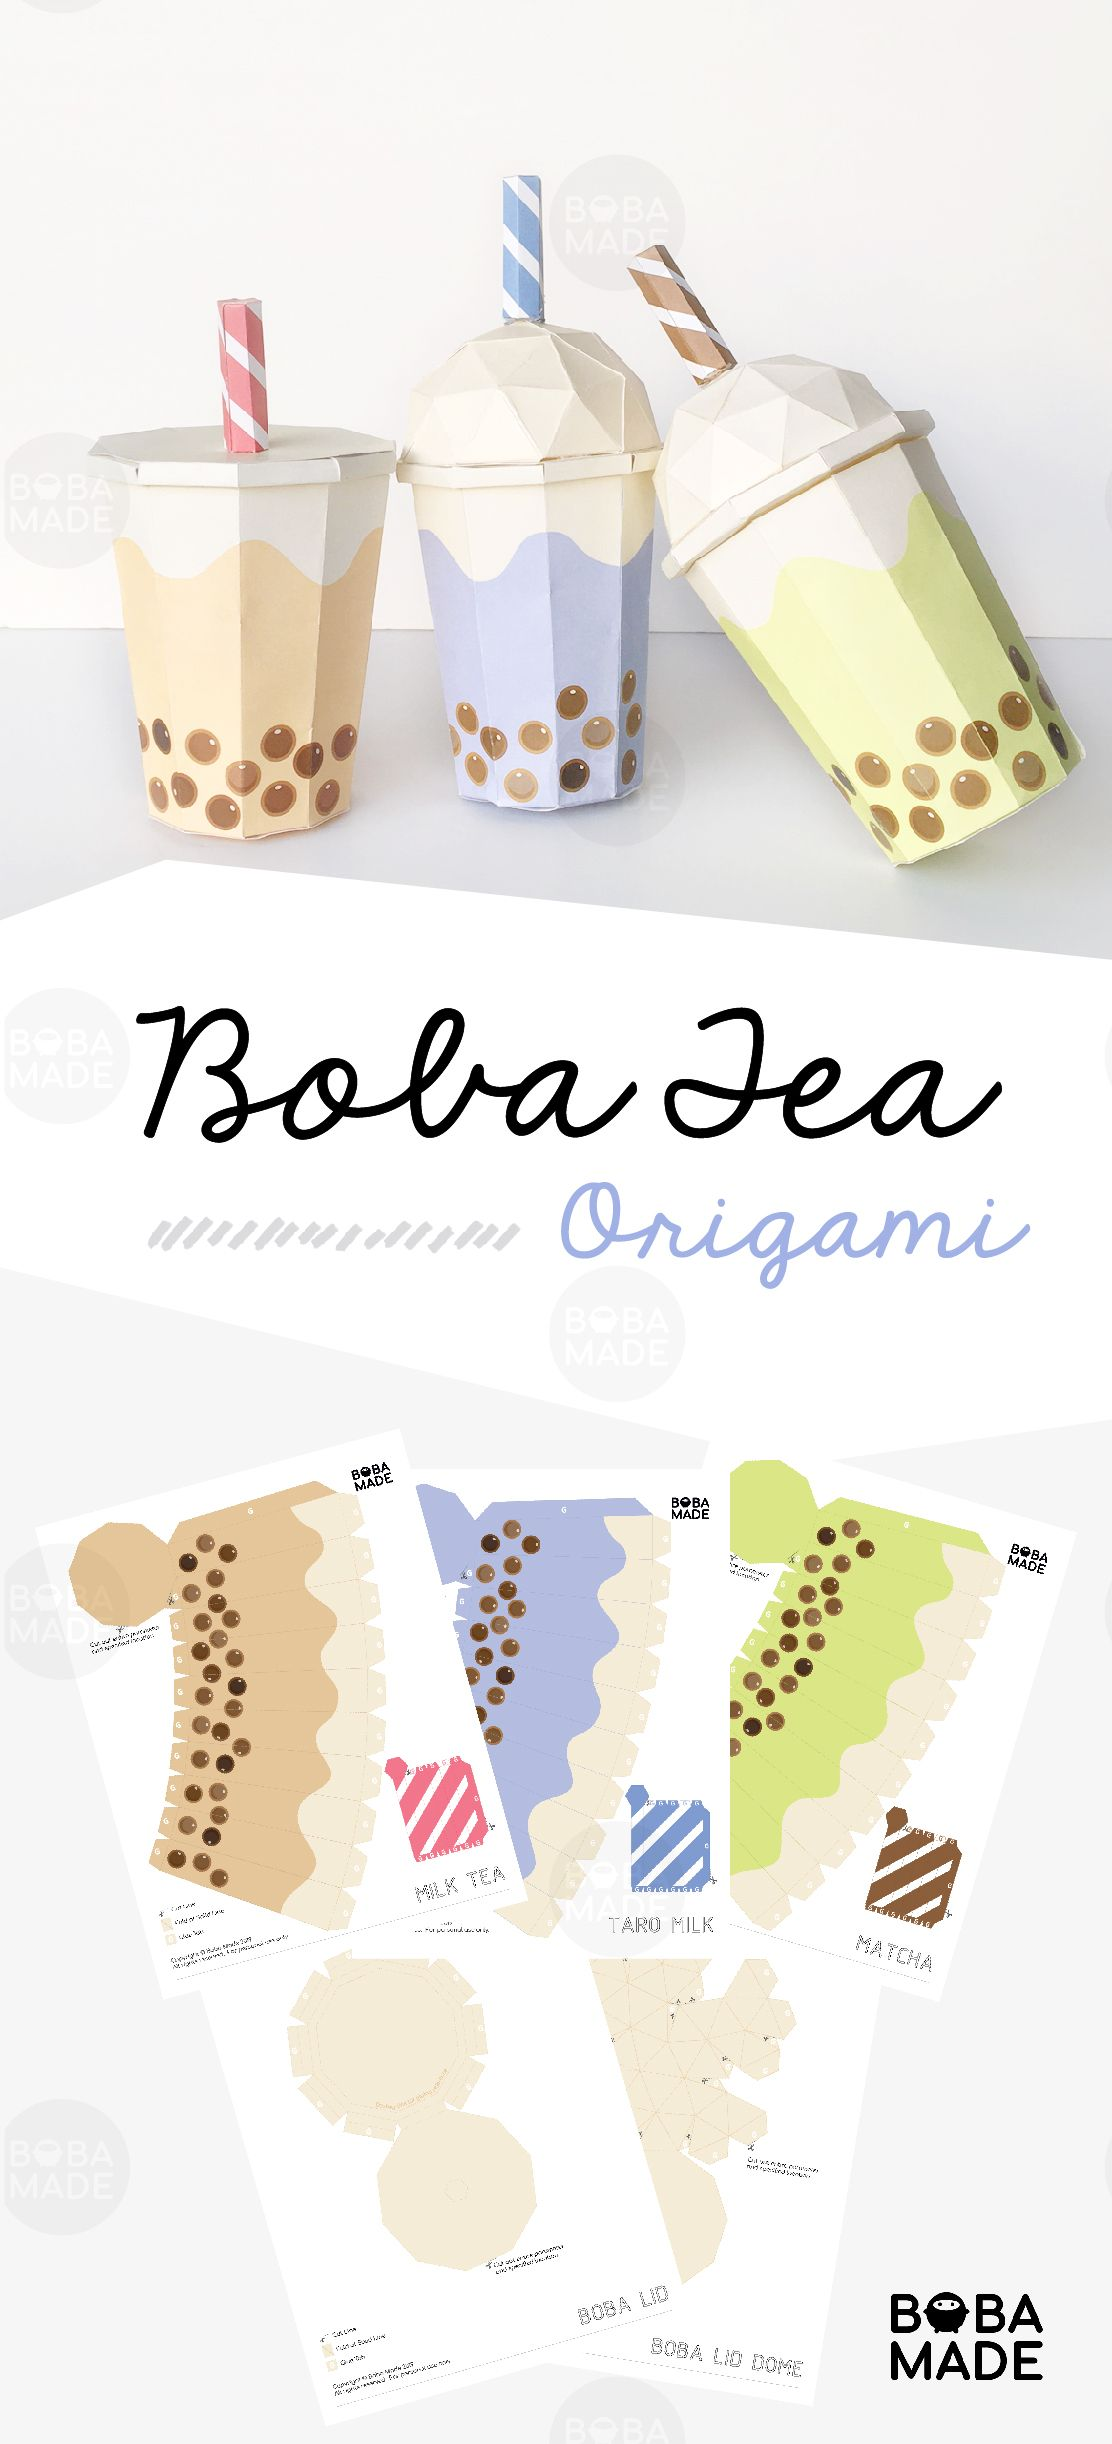 Boba tea origami template full size origami templates